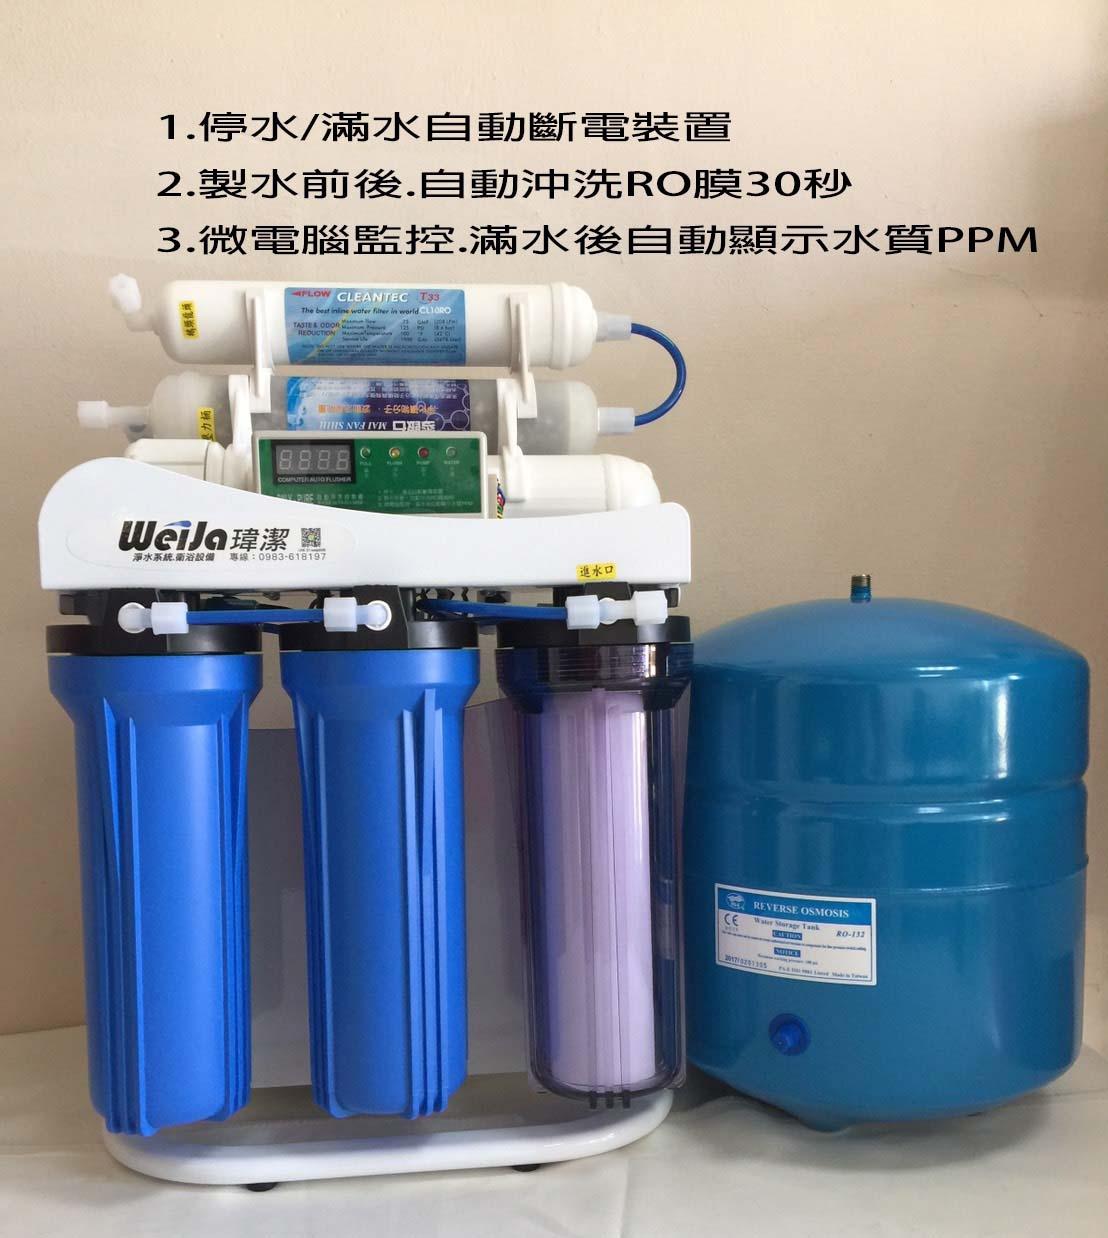 RO逆滲透純水機 腳架型自動清洗沖、電磁閥). *頂級配件、品質一級棒M-A02-1